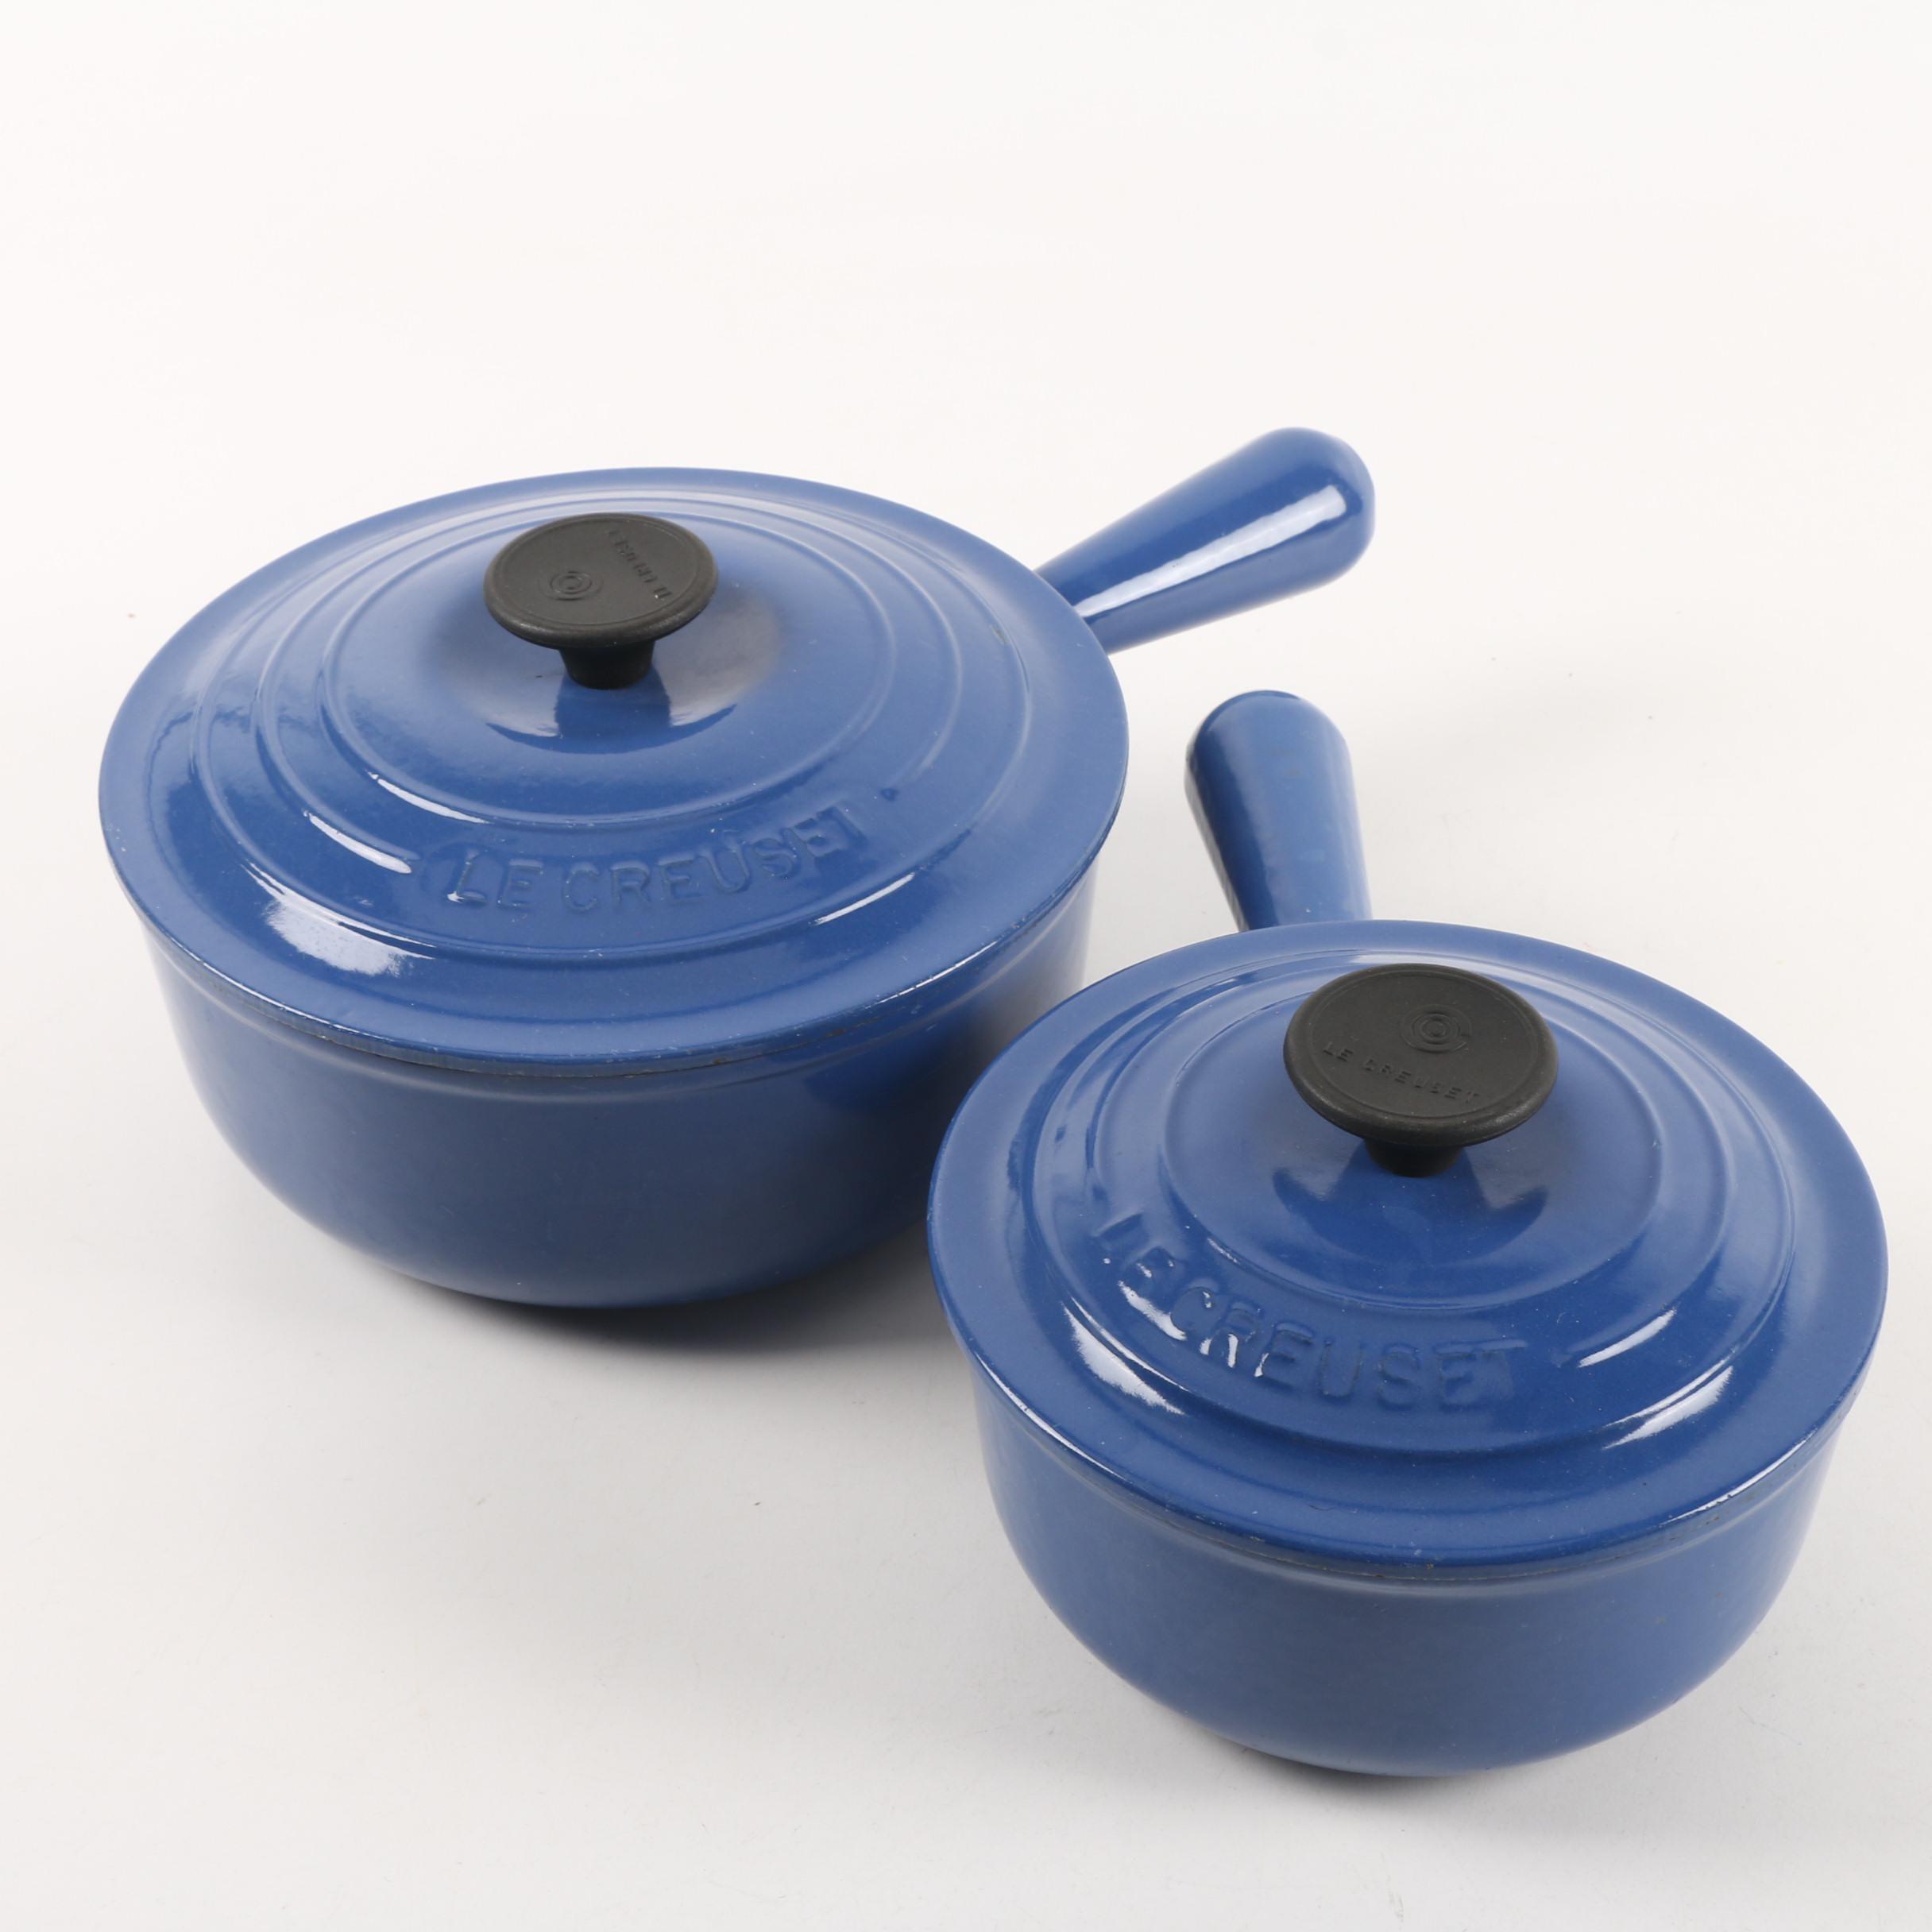 Le Creuset Blue Enameled Sauce Pans